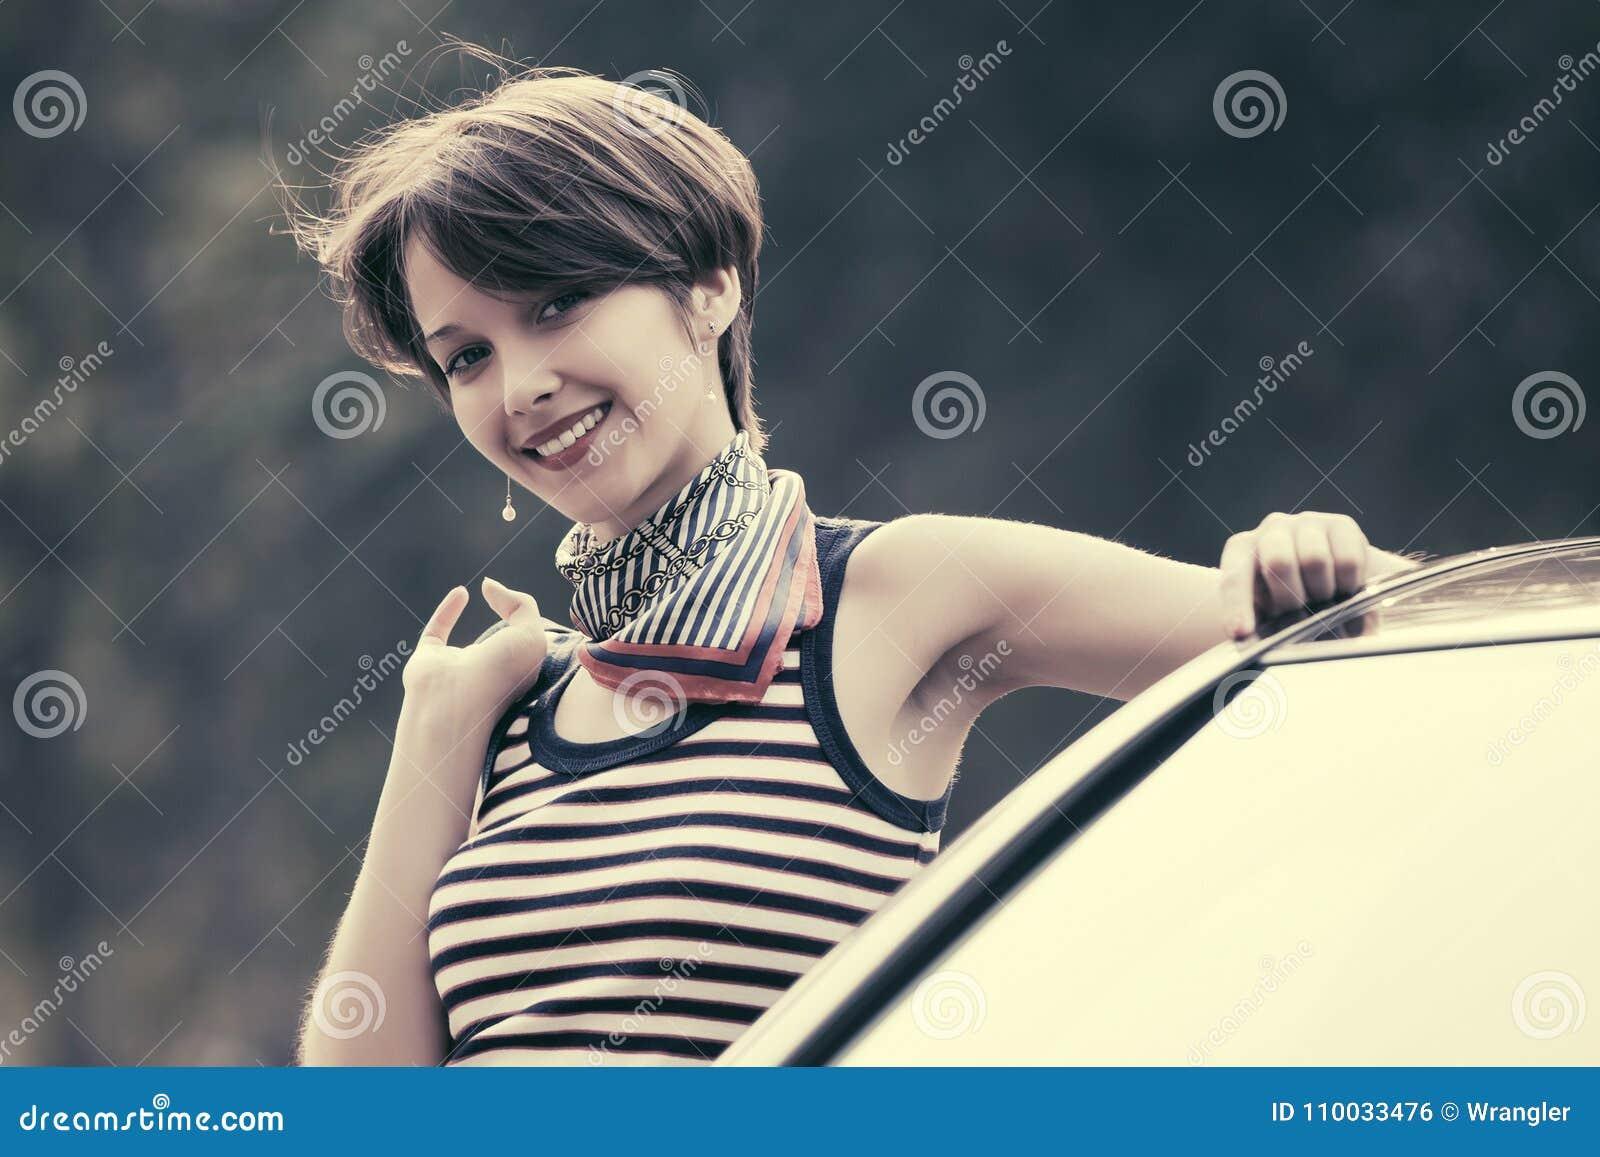 Gelukkige jonge maniervrouw in gestreept mouwloos onderhemd die op haar auto leunen